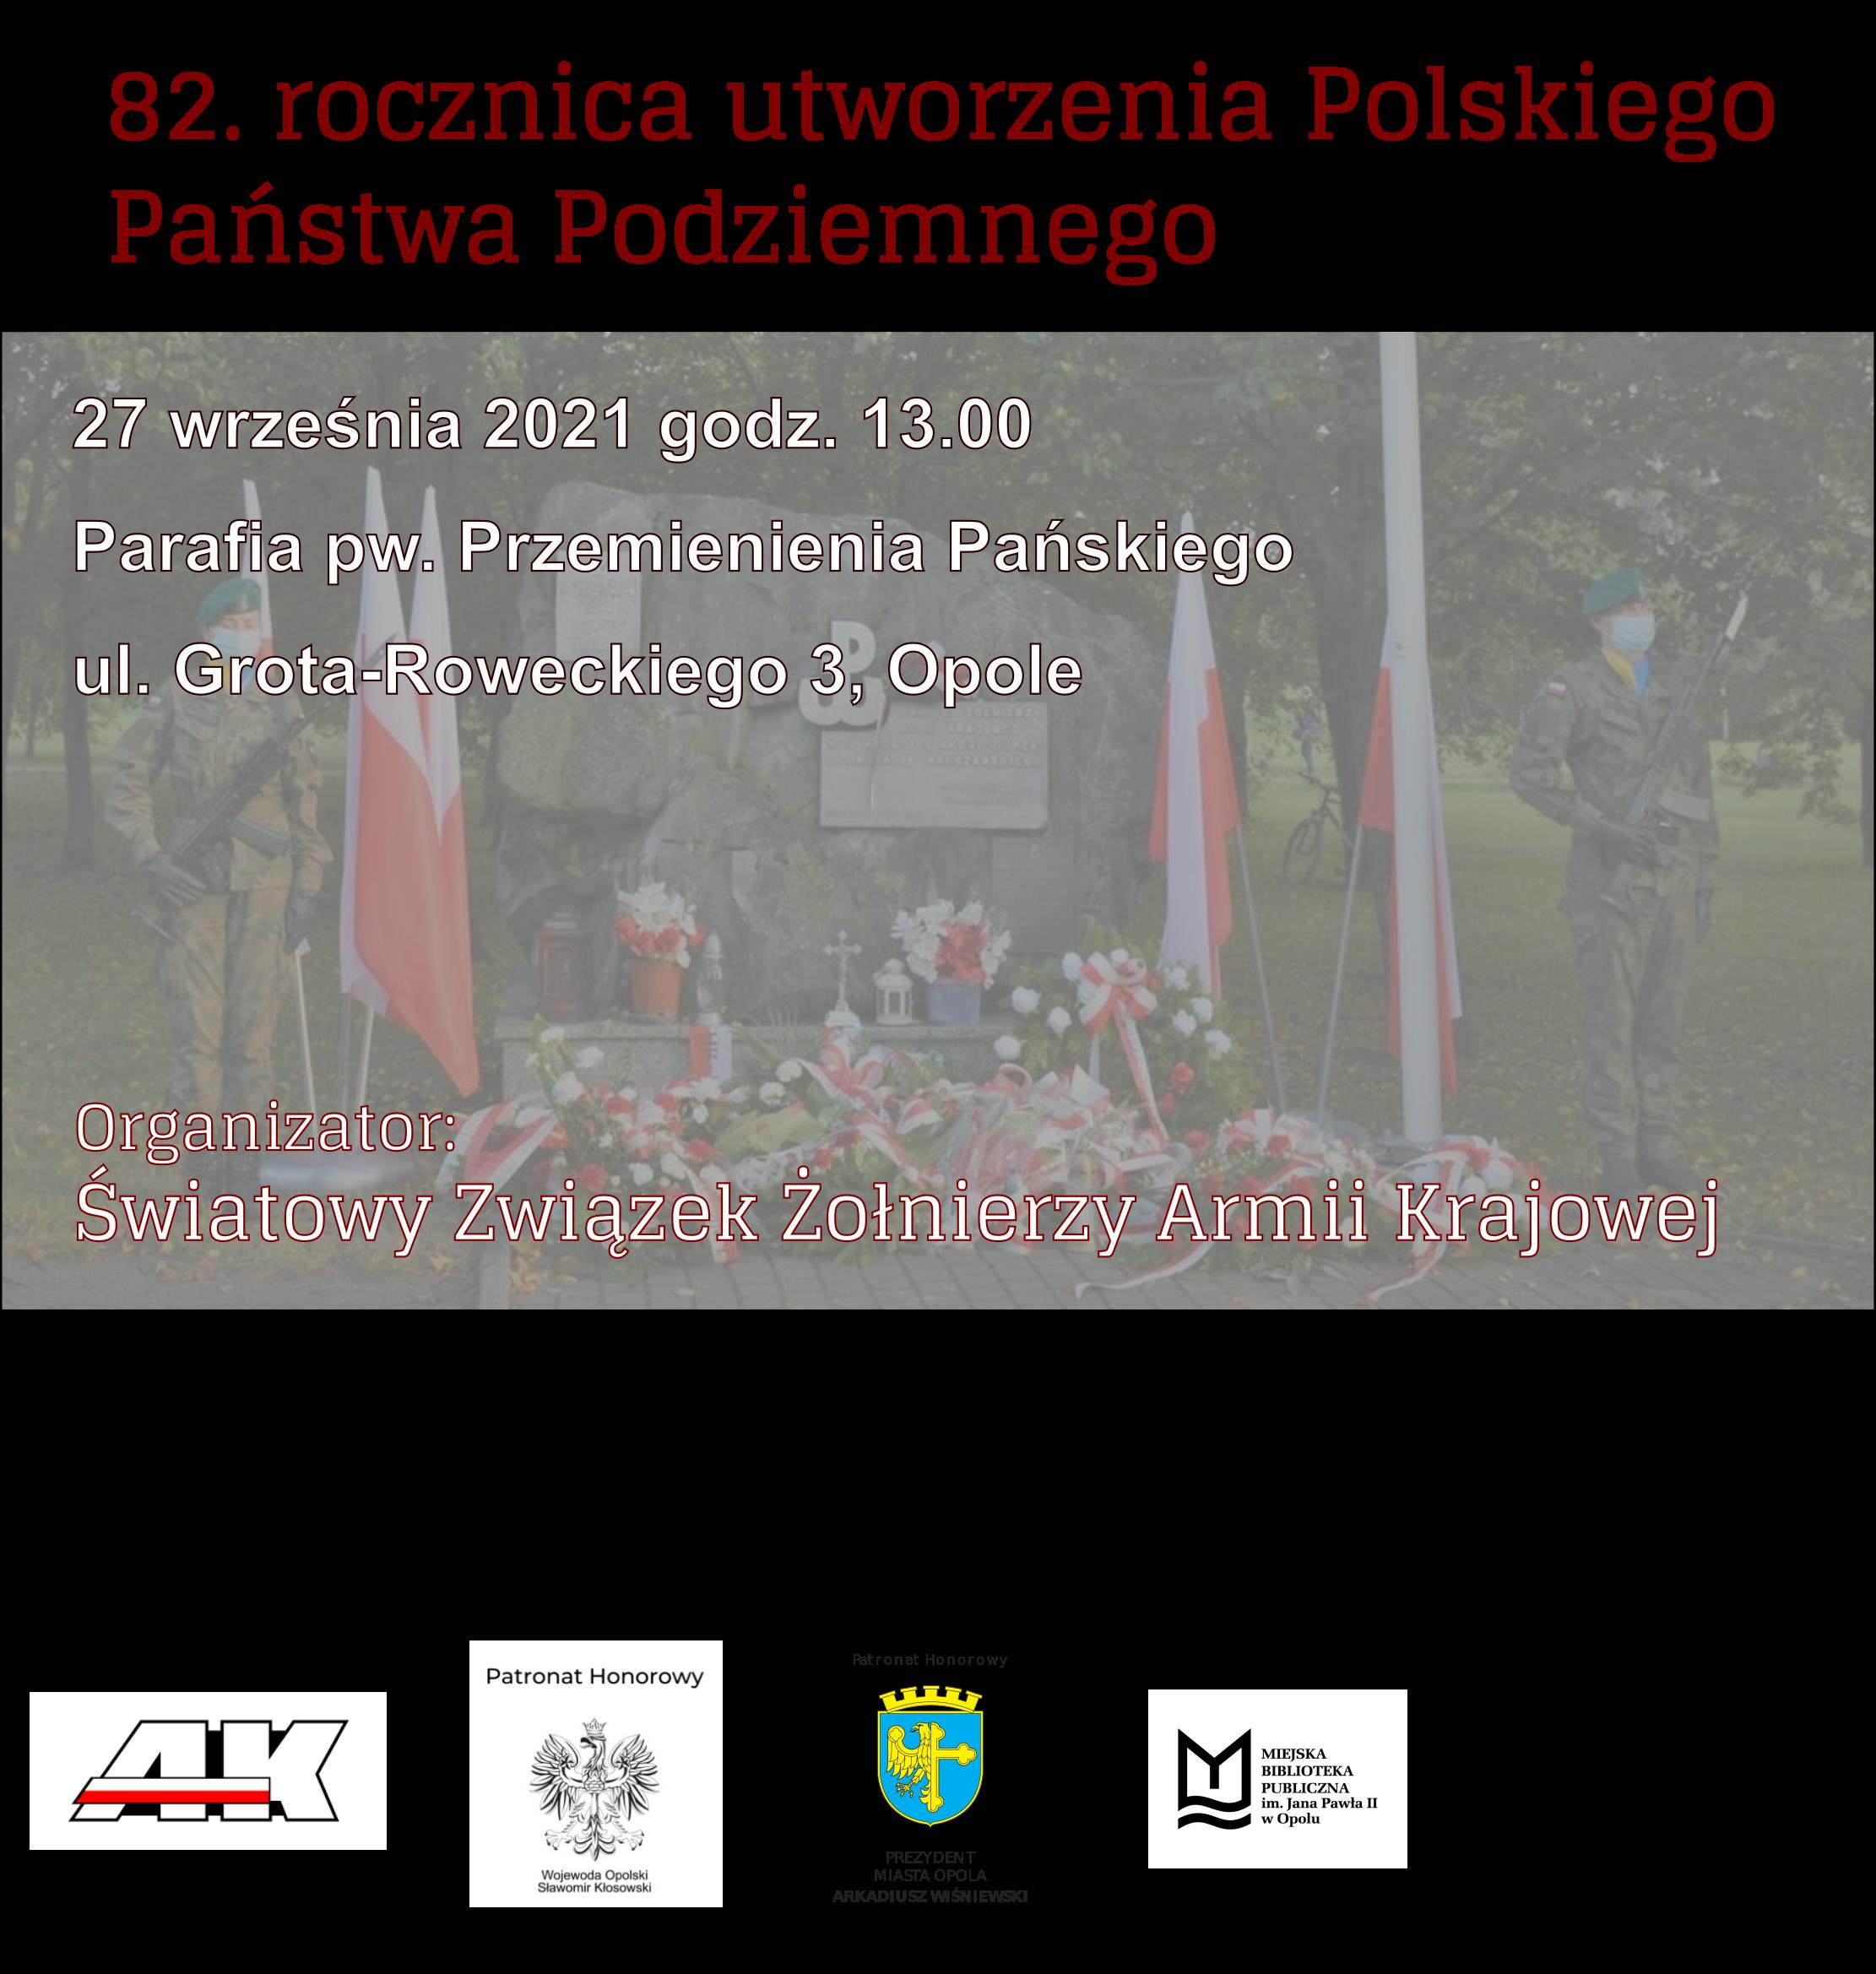 82. rocznica utworzenia Polskiego Państwa Podziemnego